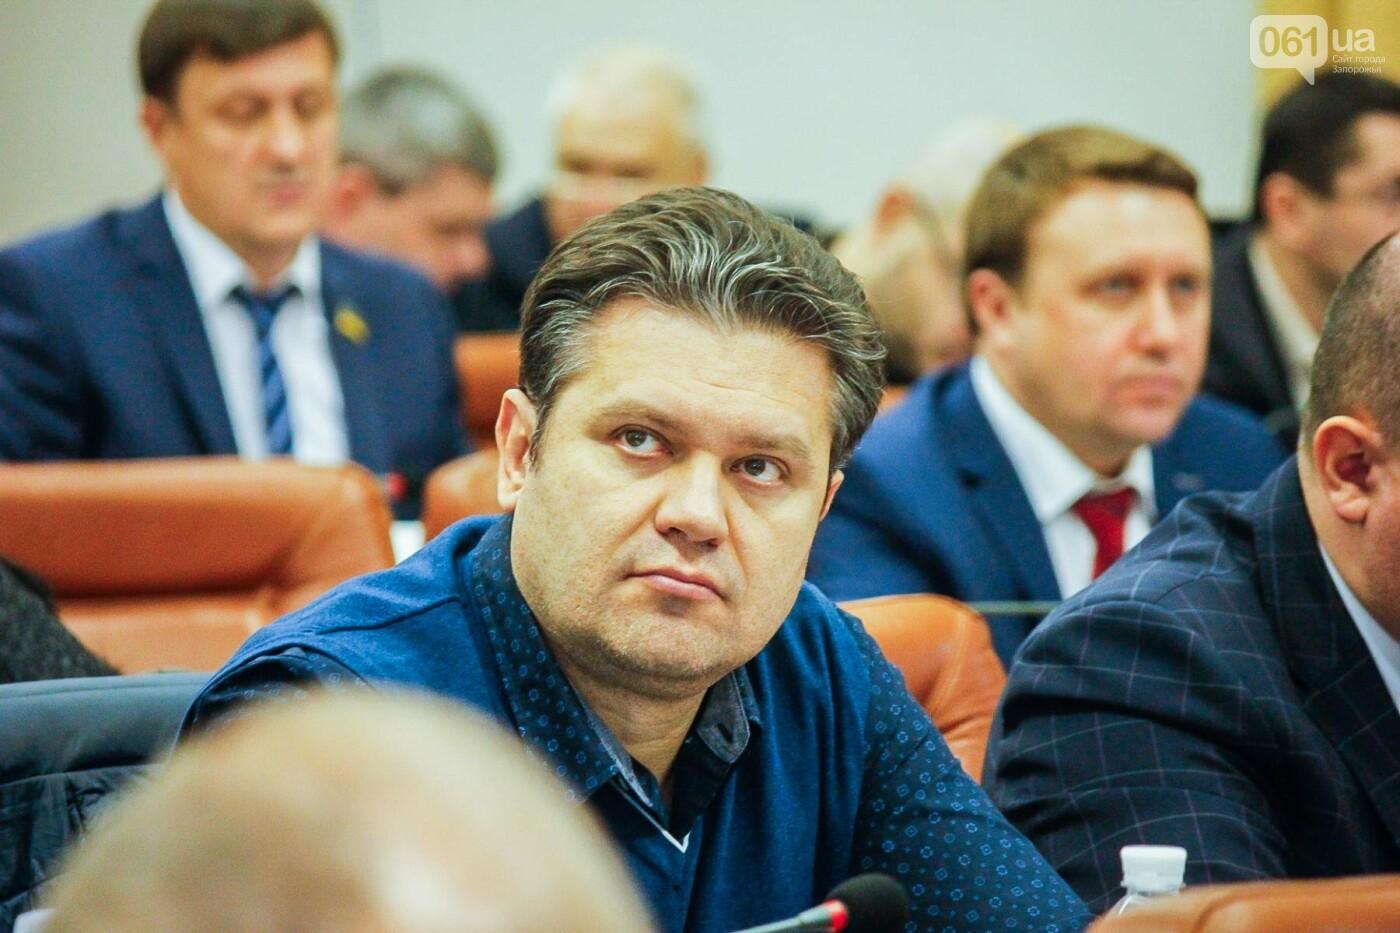 Сессия запорожского горсовета в лицах, - ФОТОРЕПОРТАЖ, фото-25